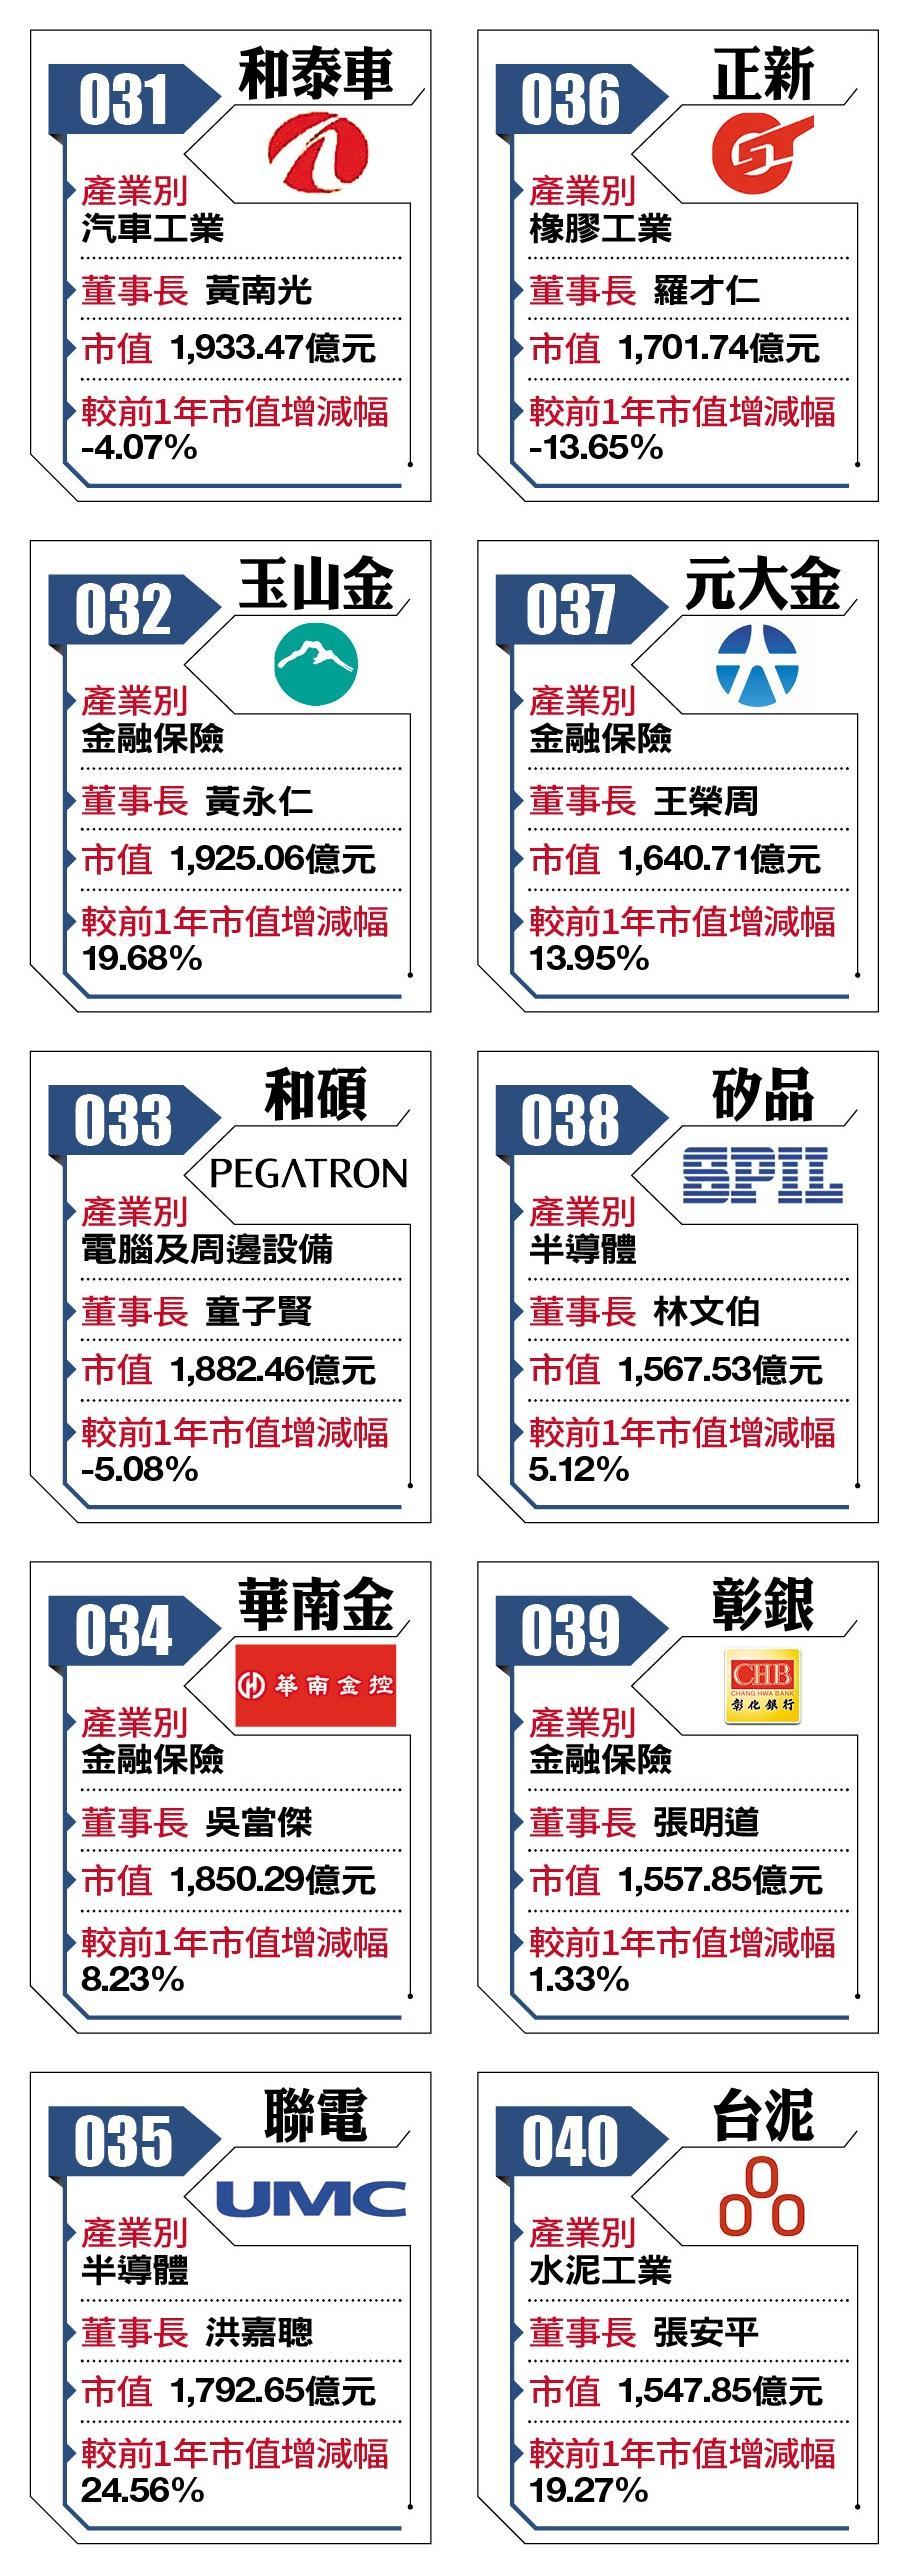 2018台灣百強企業31-40